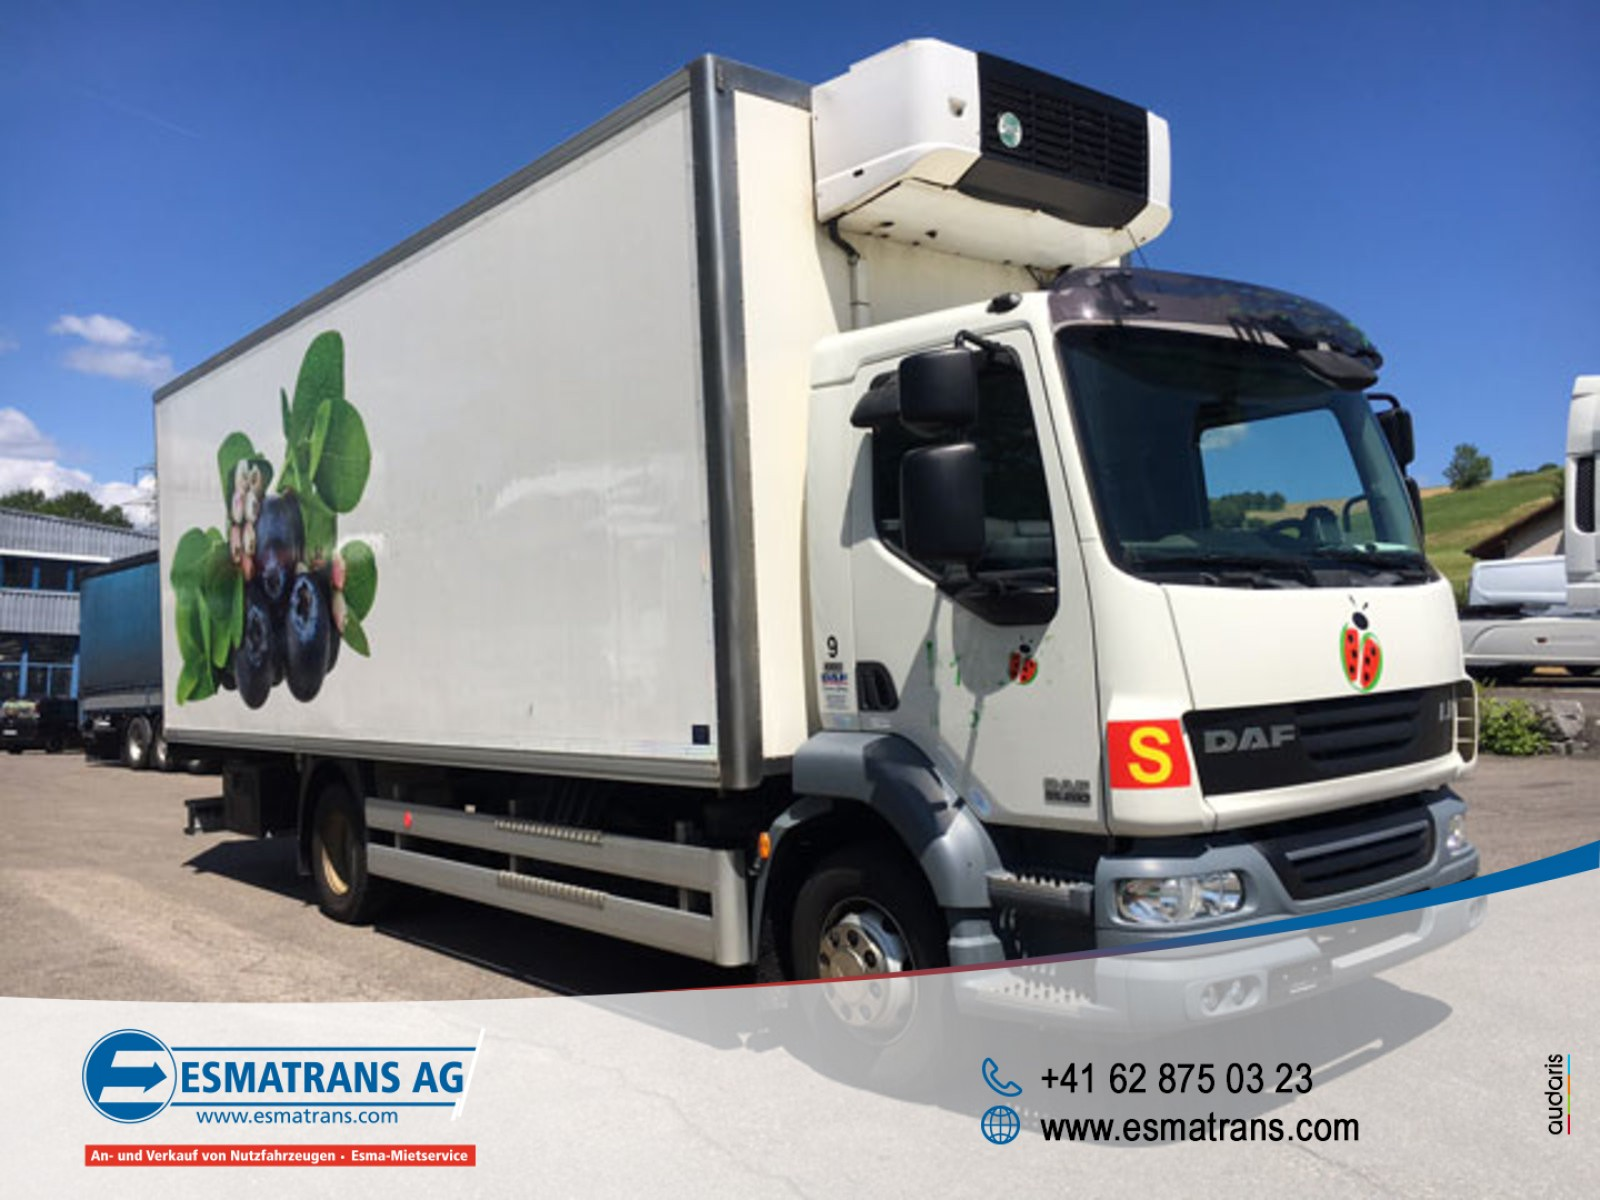 FRAN6306_882791 vehicle image